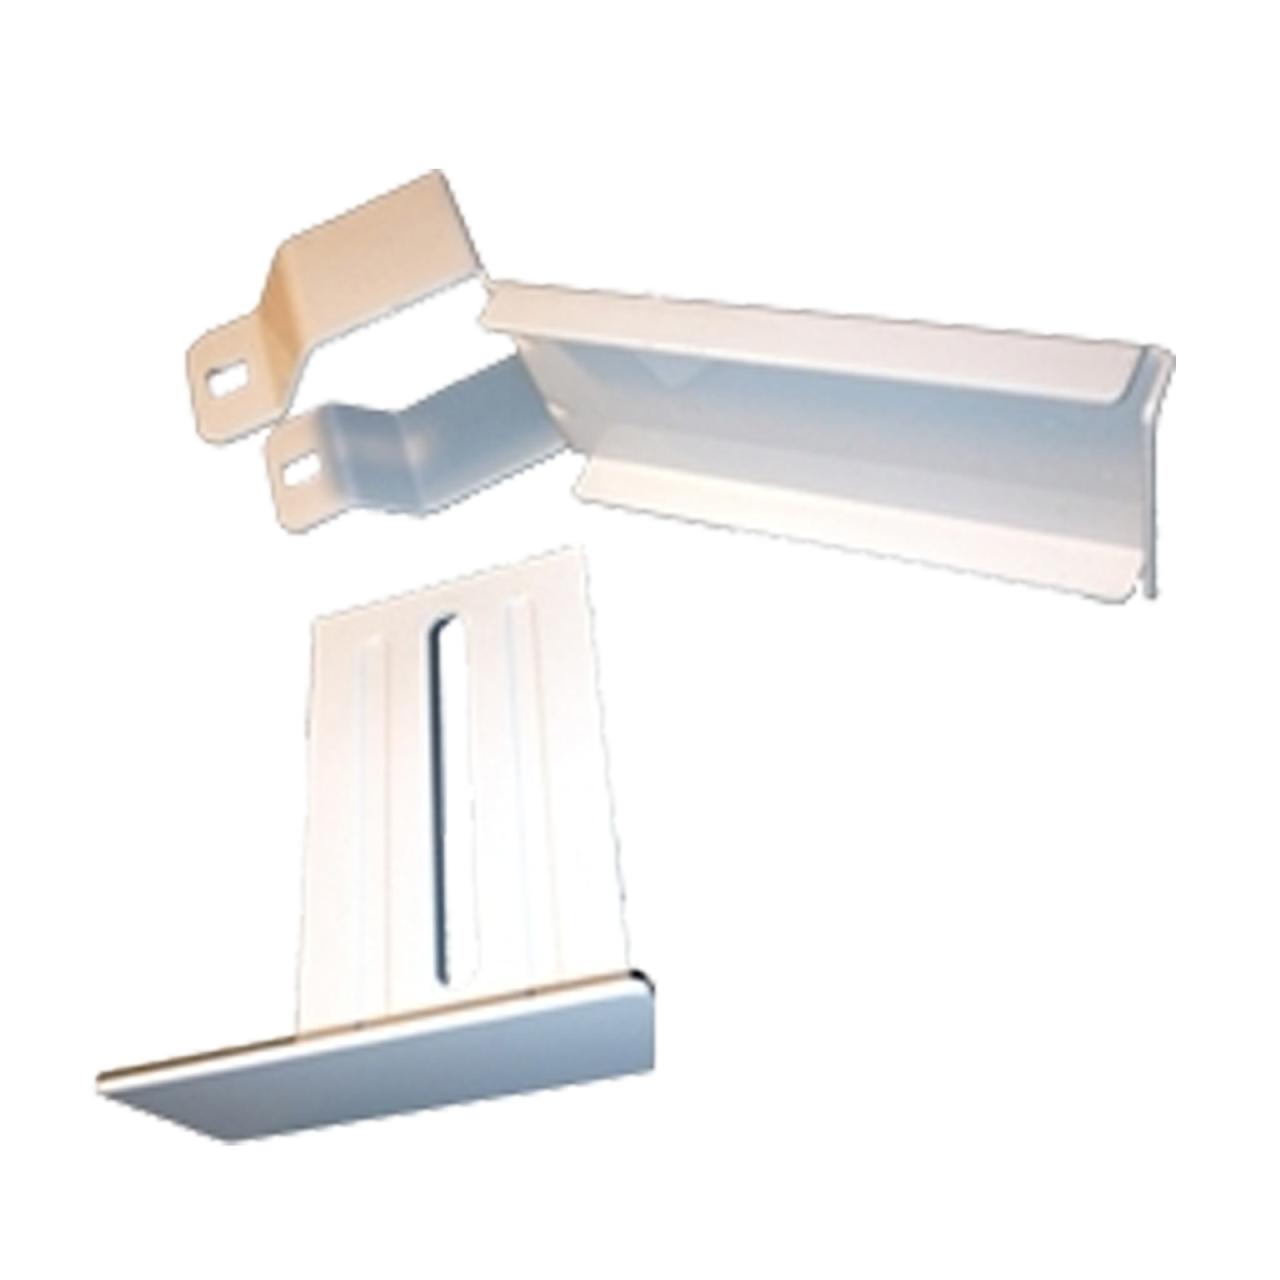 Selfsat Fensterhalterung für H30D H30D2 H30D4 Serie Antennen MONSON-072